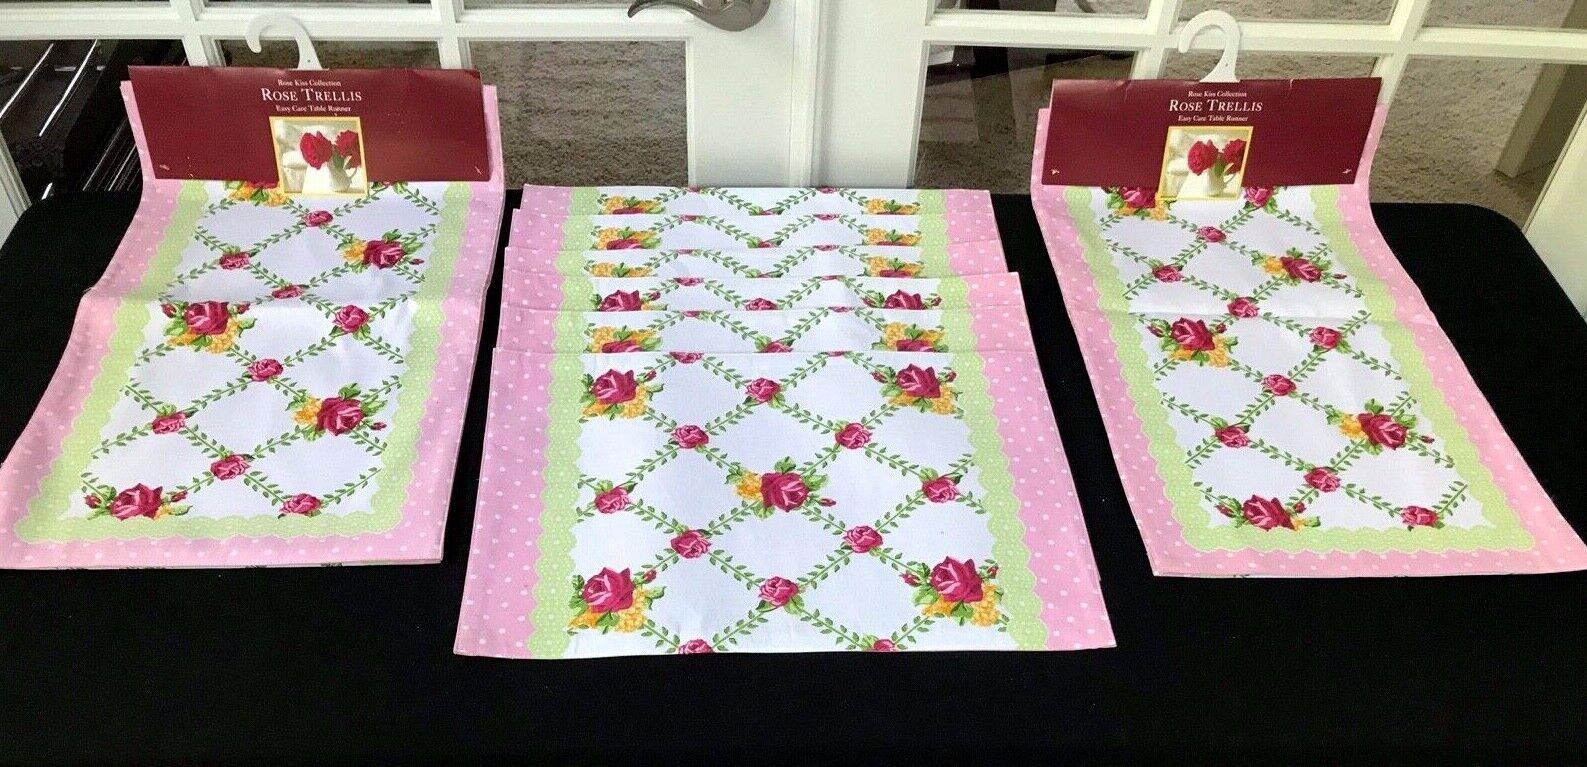 Home Wear Rose Trellis Lot 8  2 Chemins de table et 6 sets de table Lot